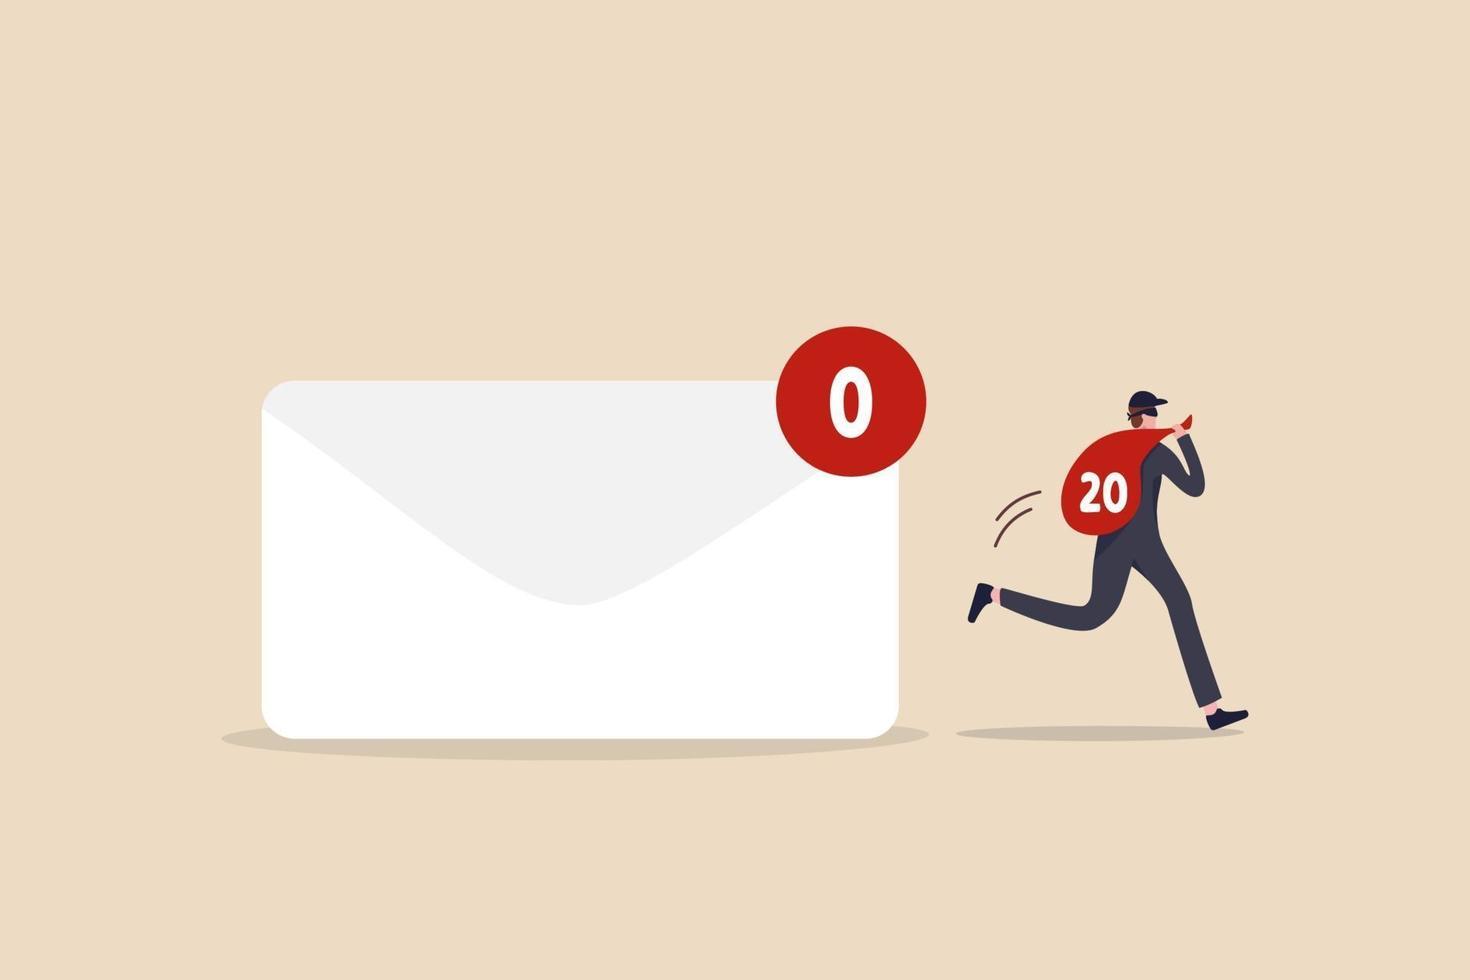 privacidade de dados, e-mail pessoal confidencial, ladrão, hacker cibernético ou provedor de e-mail exibir publicidade com base no conceito de informação interna vetor